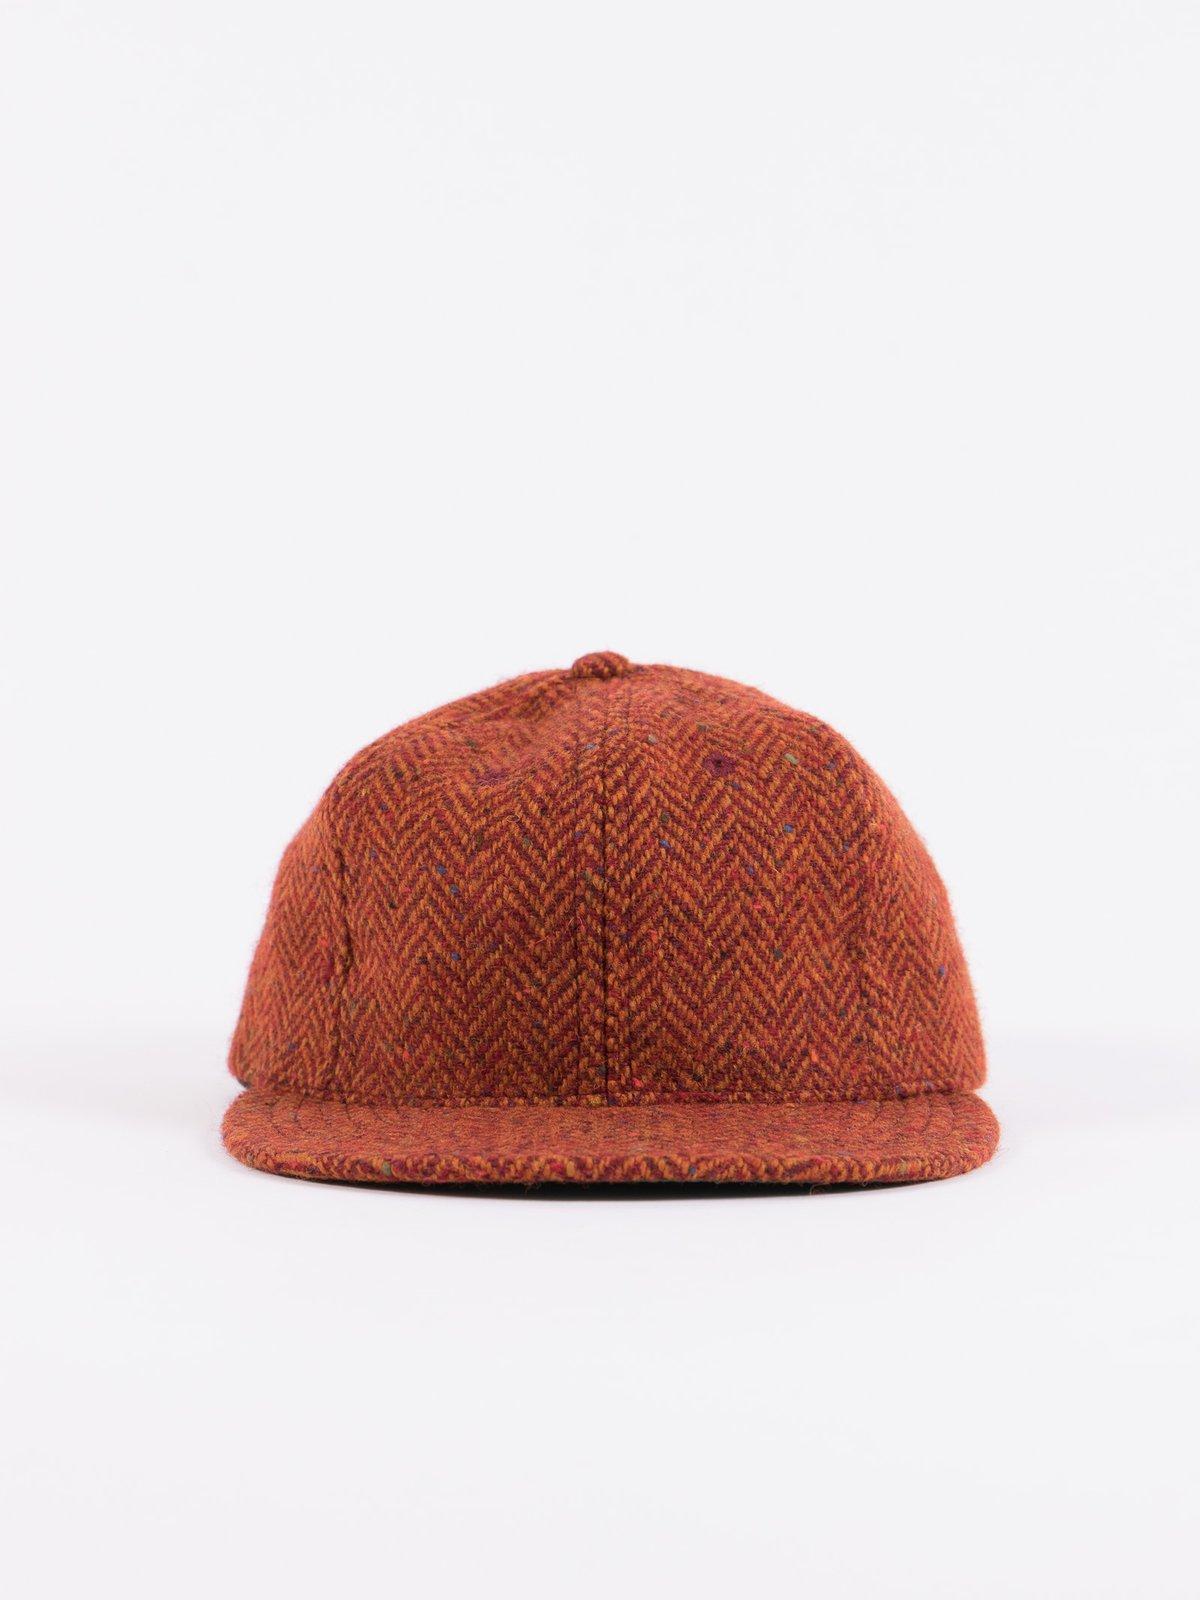 Rust HB Tweed NIer 6 Panel Ballcap - Image 3